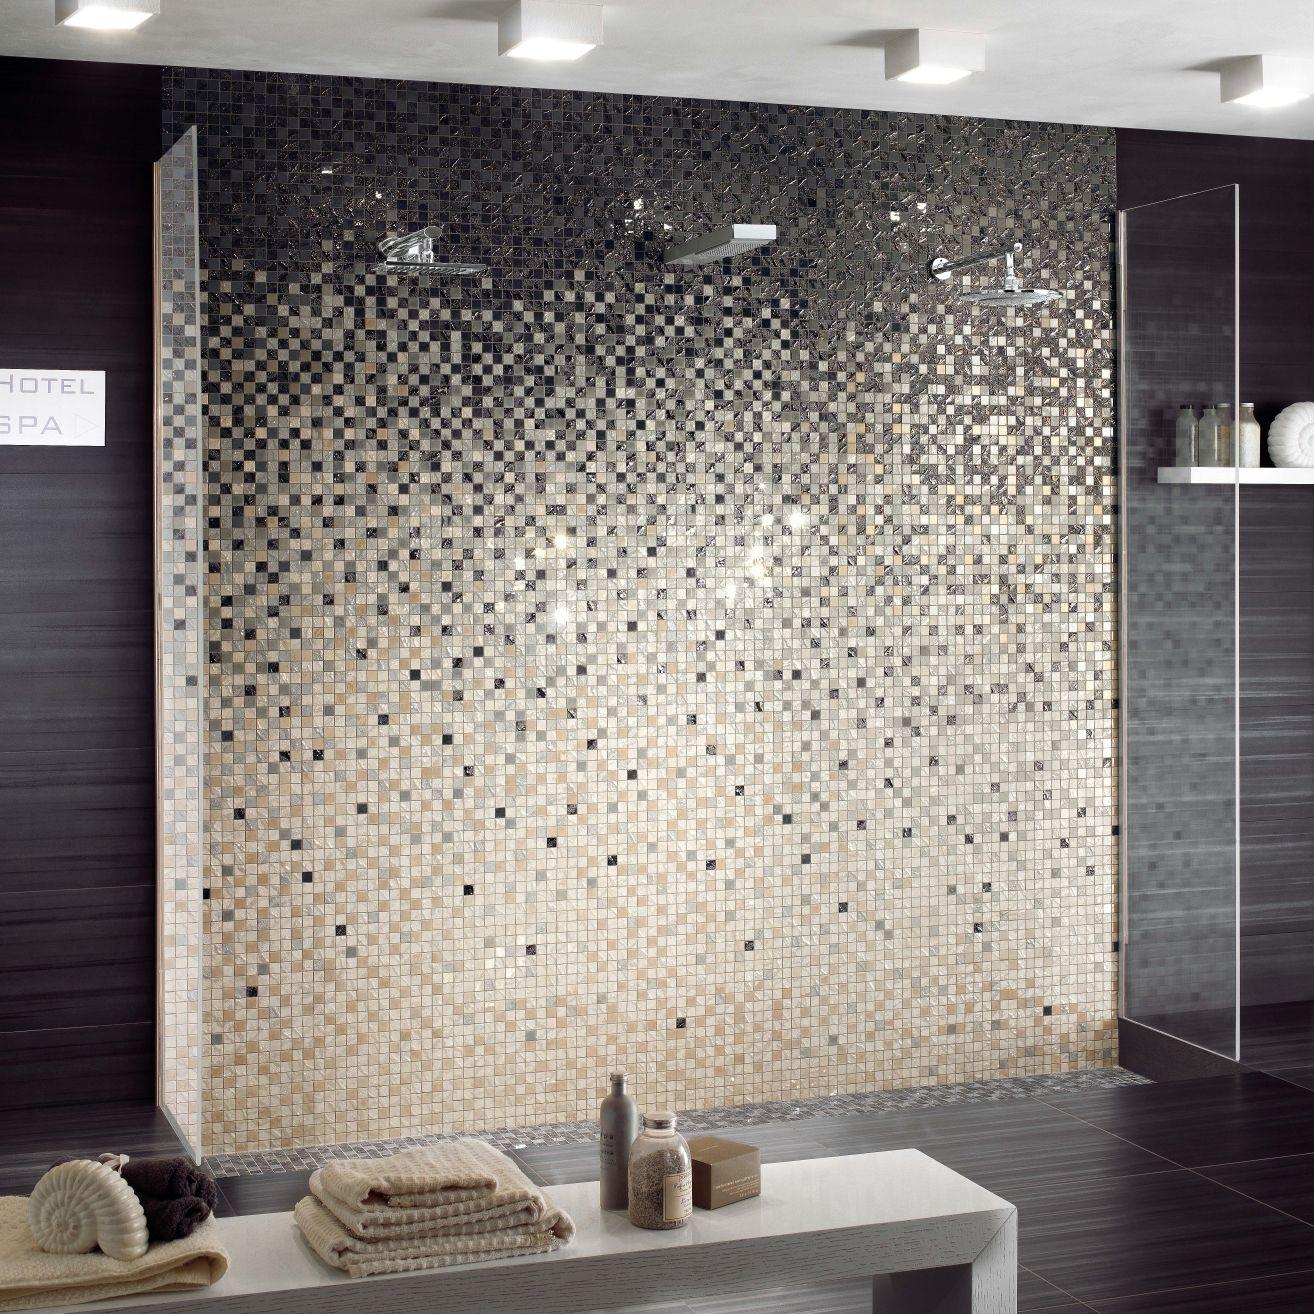 Innenraum-Mosaikfliese / für Badezimmer / Wand / Feinsteinzeug FOUR SEASONS  : OASI ONE CERAMICHE SUPERGRES